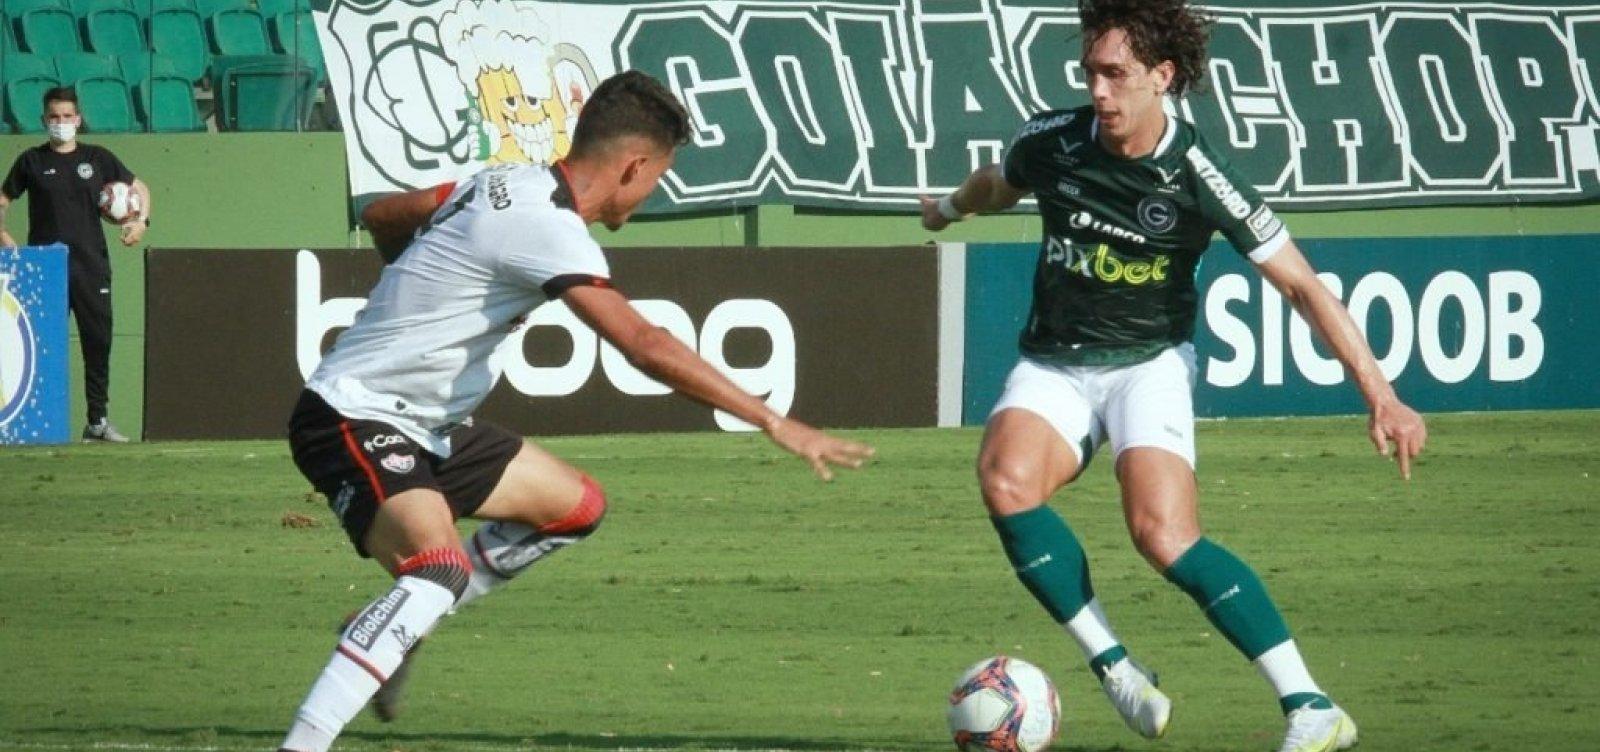 Vitória perde de 3 a 0 para o Goiás e se complica ainda mais na luta contra rebaixamento